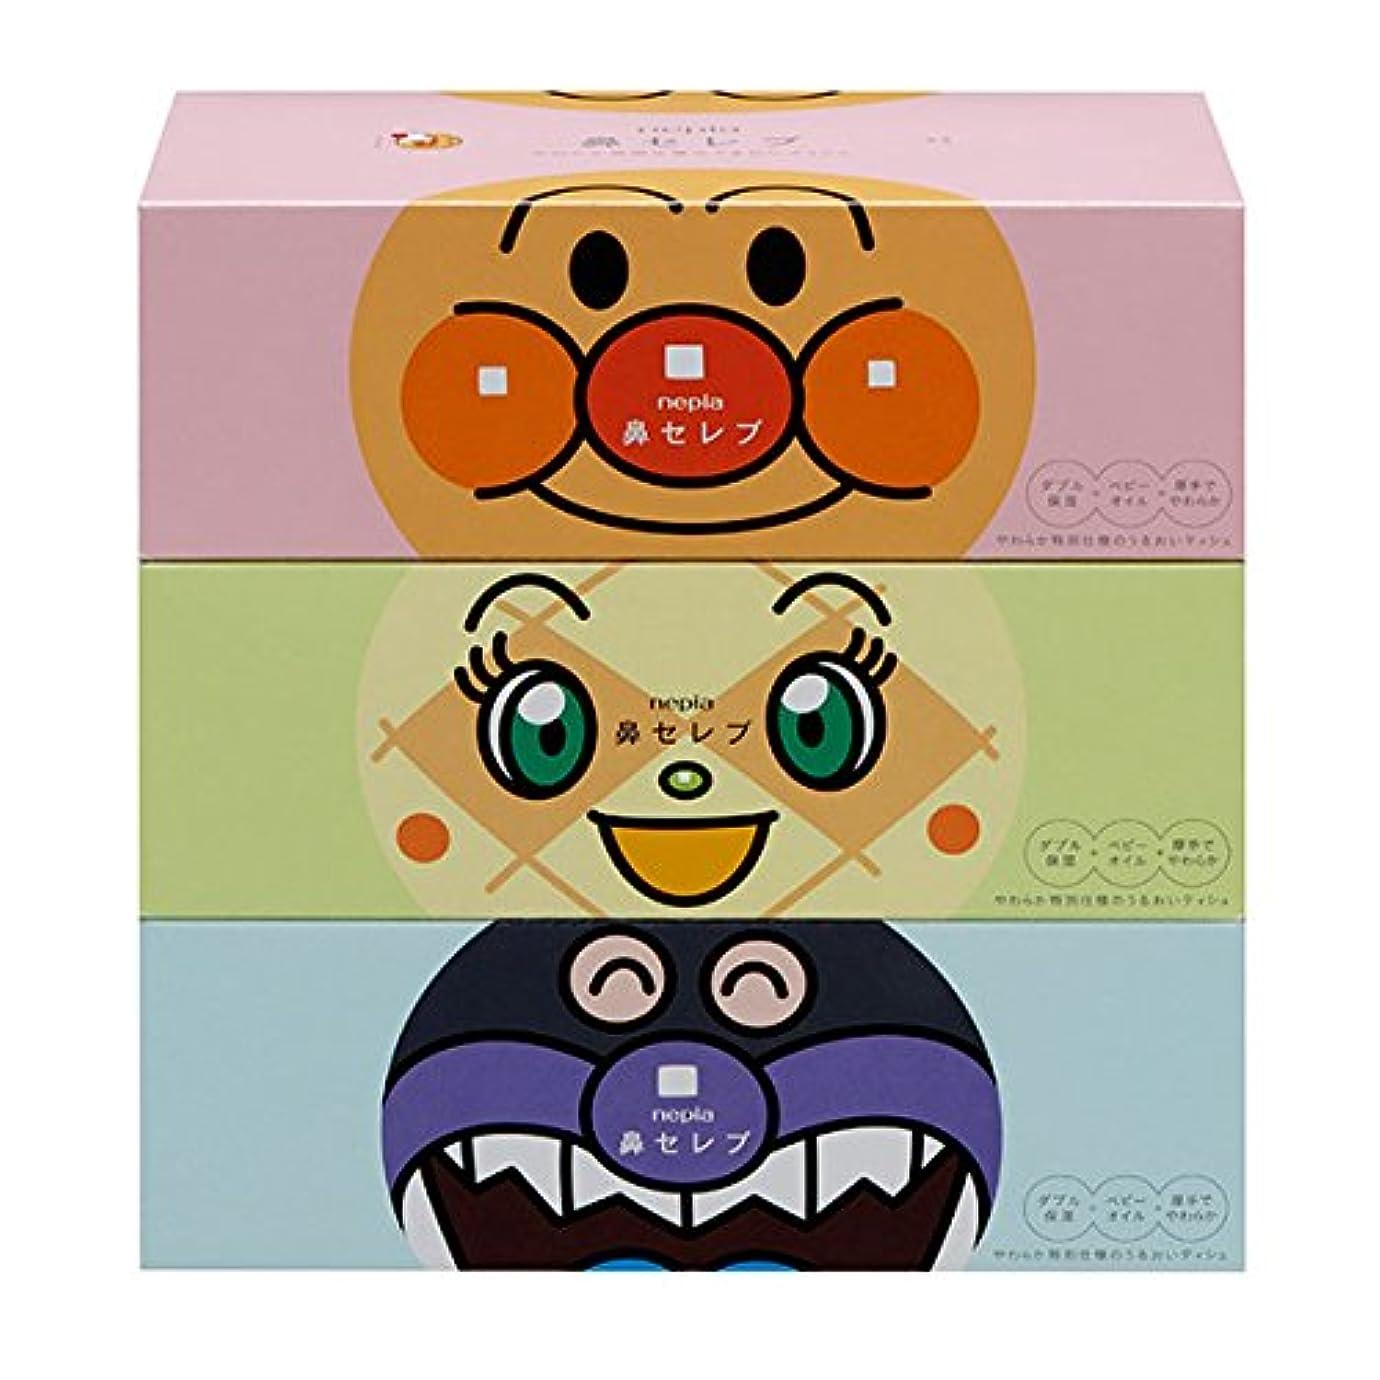 成長する審判シャトル王子ネピア:ネピア 鼻セレブ ティッシュ アンパンマン180組 3箱×10パック 10000306